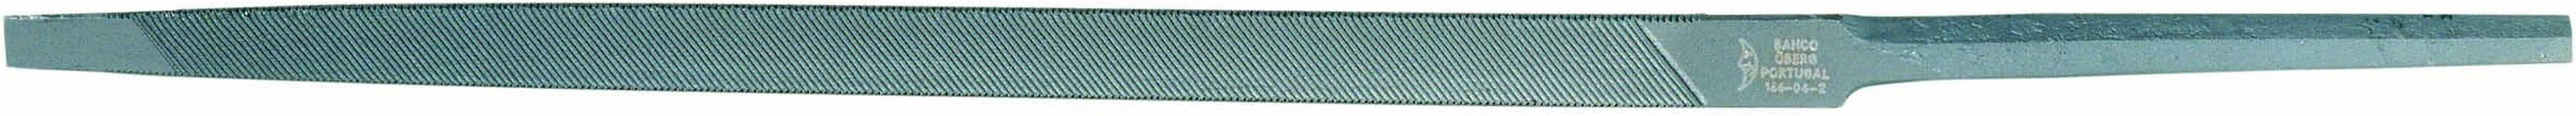 BAHCO BH4-187-04-2-0, 10.2 cm